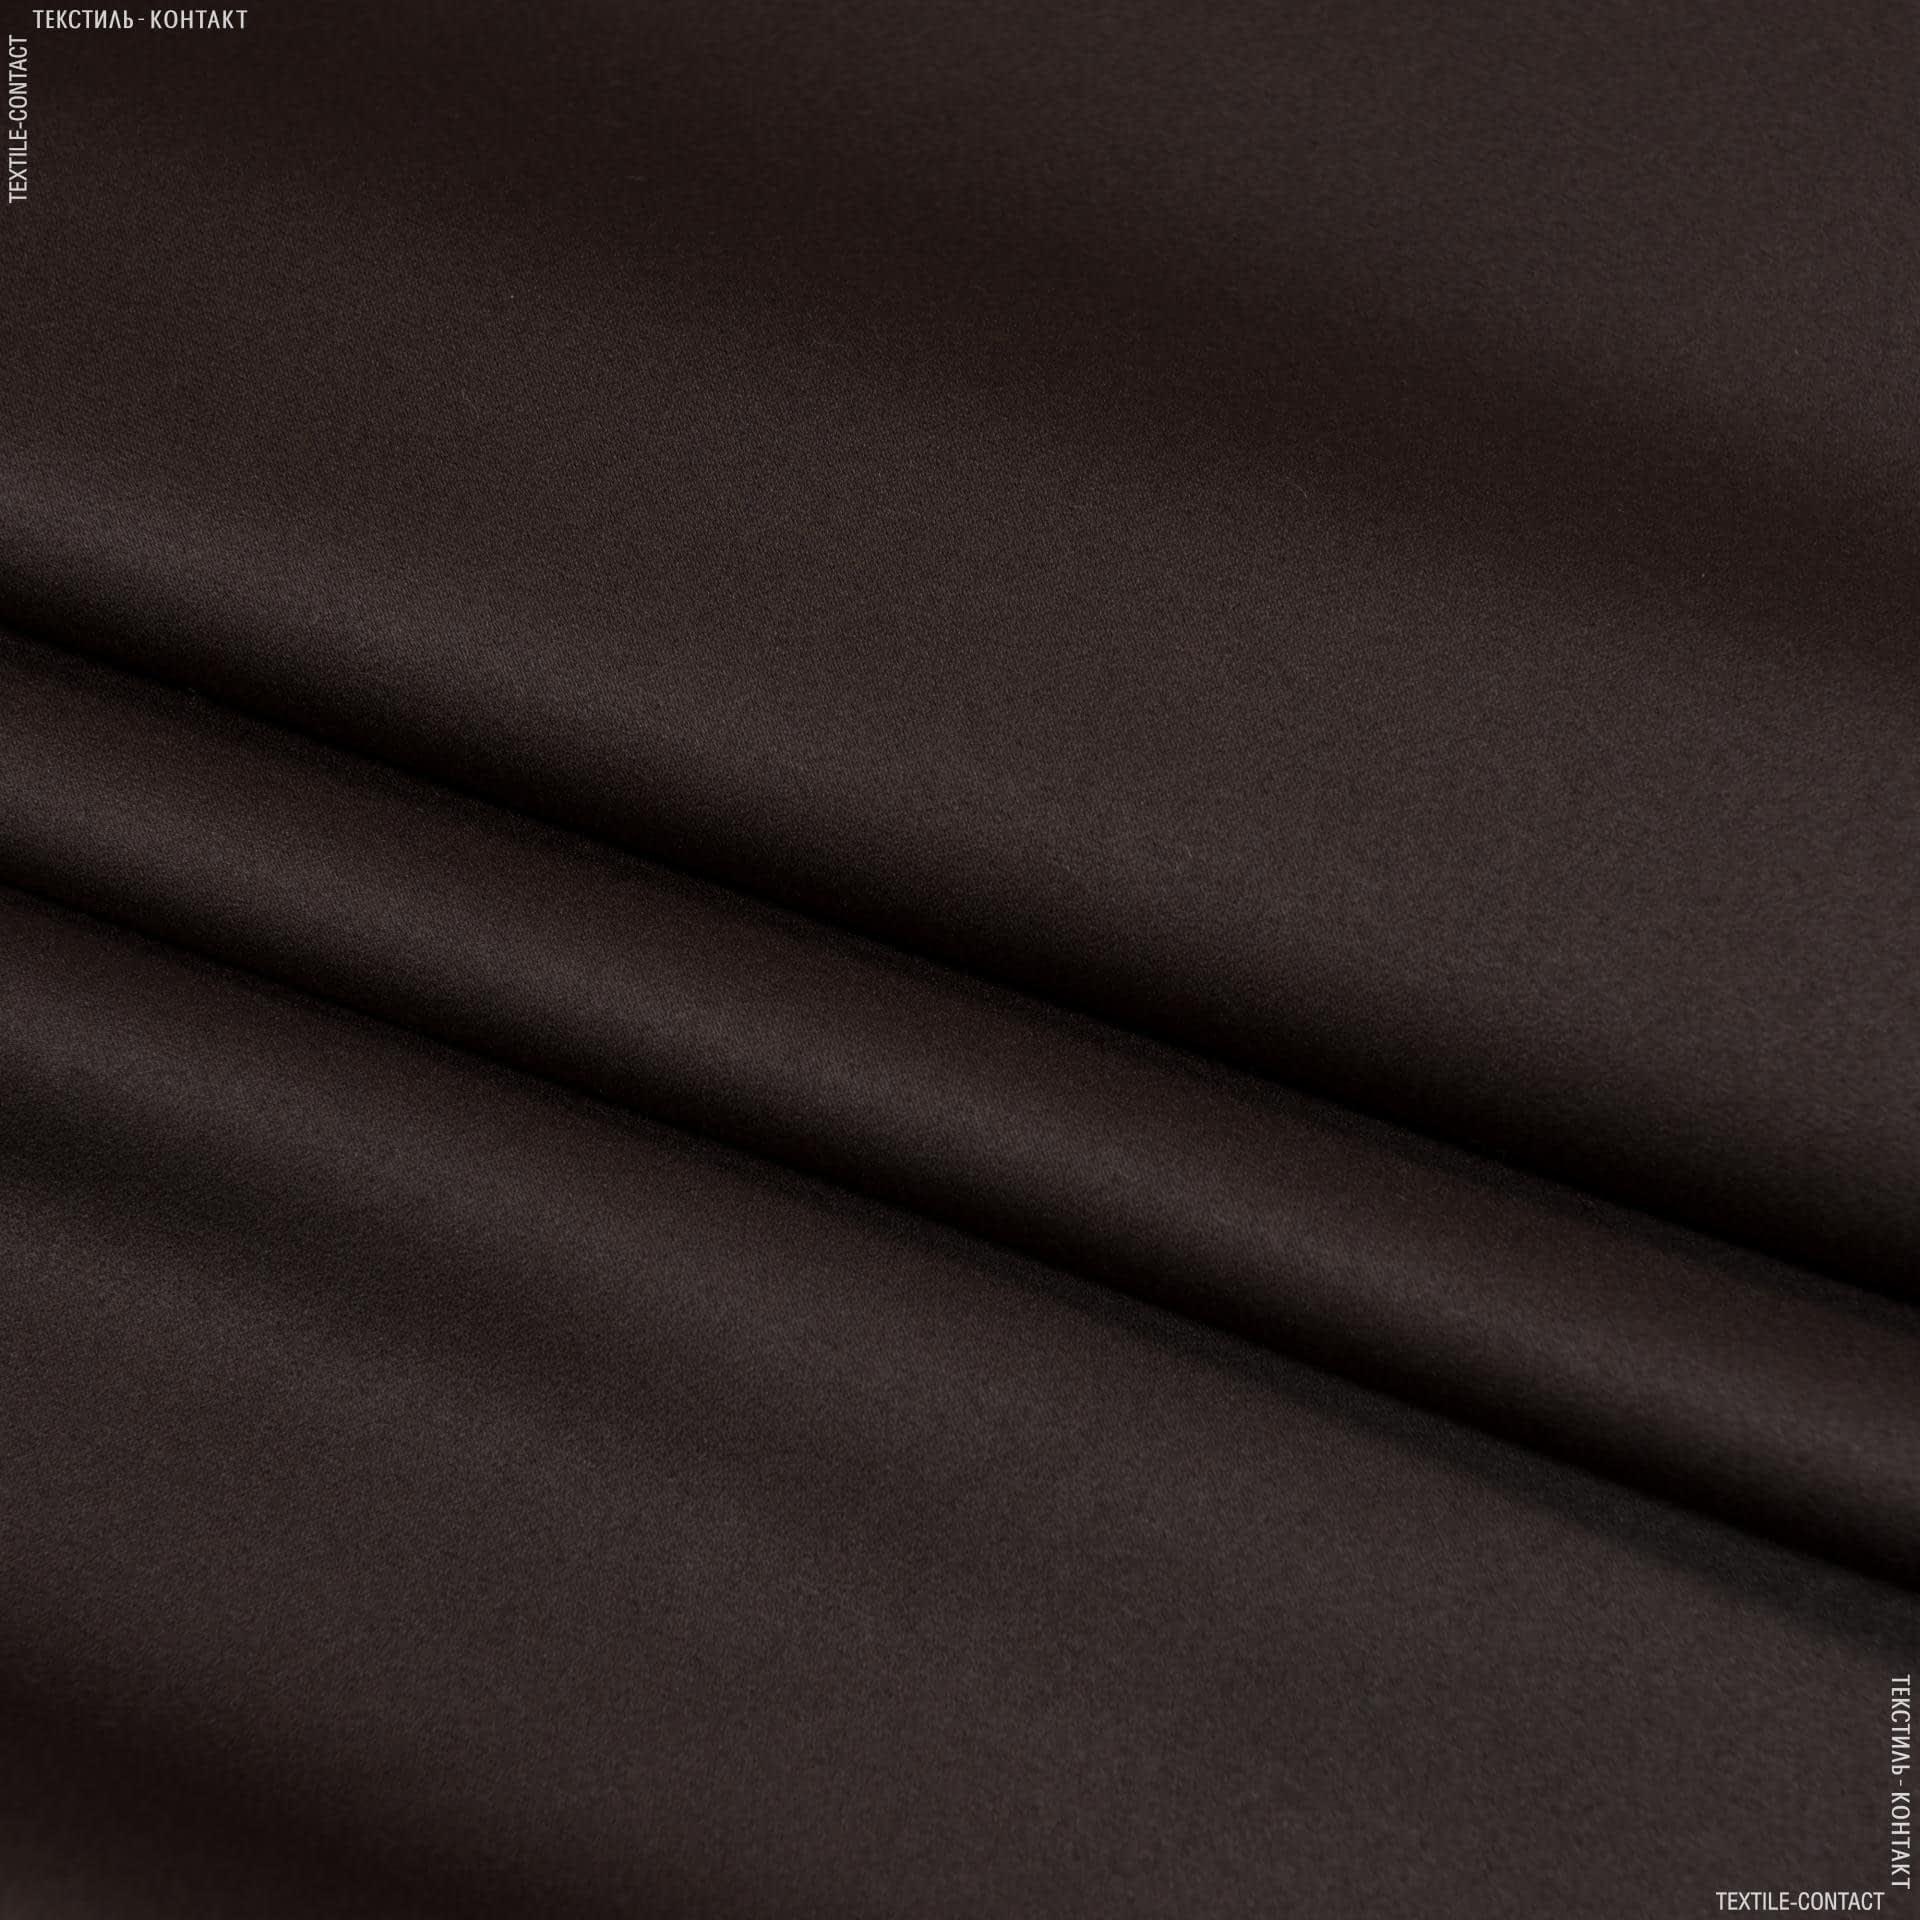 Ткани портьерные ткани - Блекаут / blackout  т.коричневый